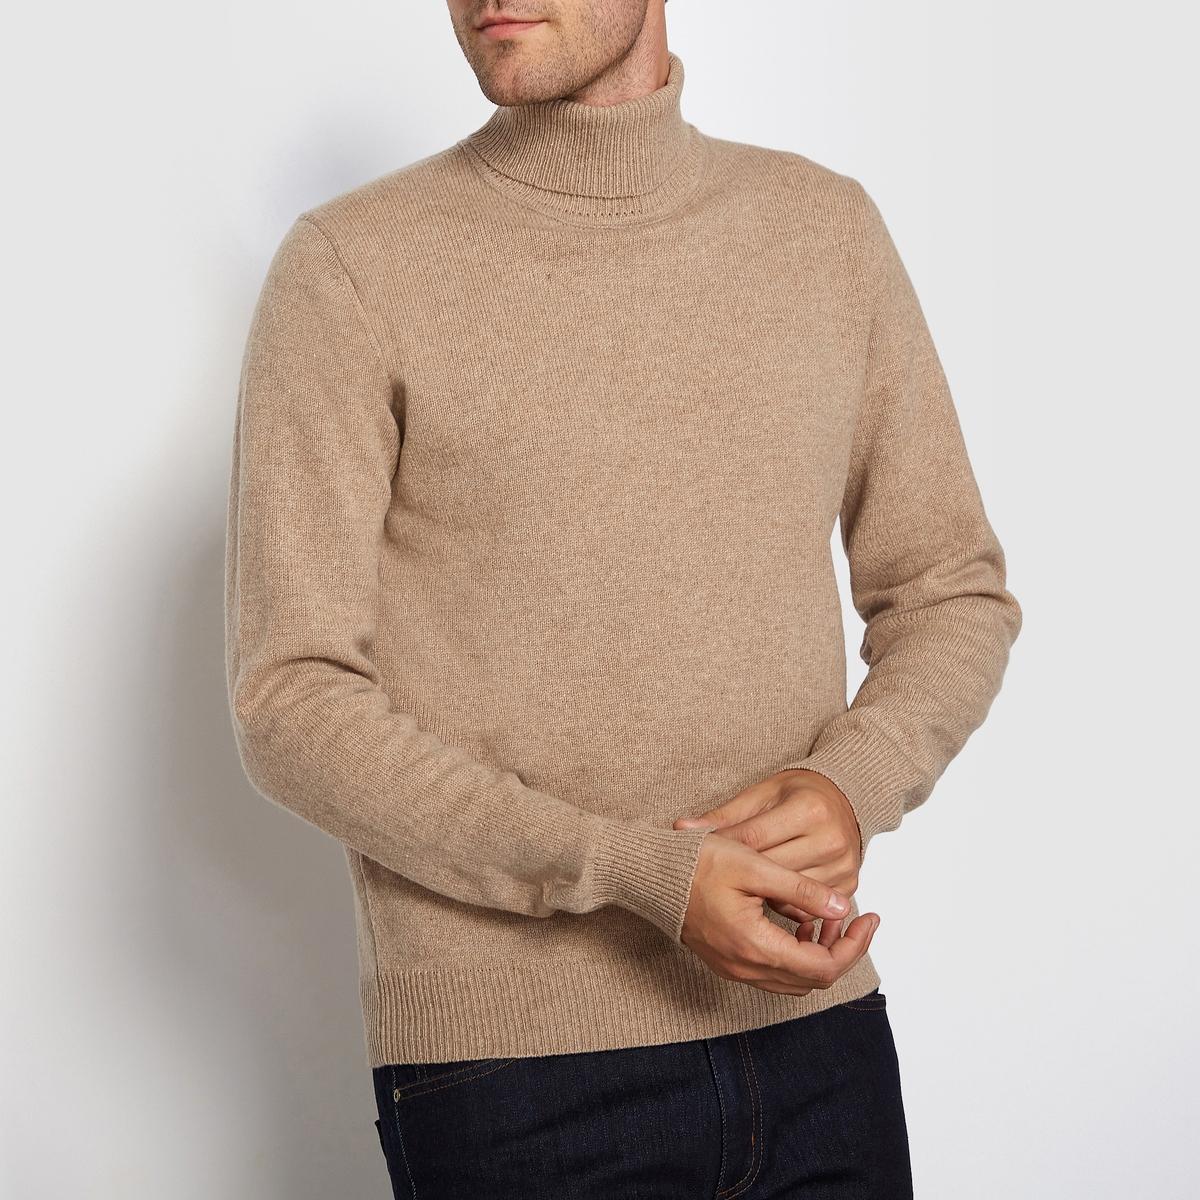 Пуловер с закатывающимся воротником 100% шерстьПуловер с закатывающимся воротником, 100% шерсть, R essentiel. Нежность и теплота 100% шерсти ягненка, высокий закатывающийся воротник - этот пуловер можно с удовольствием носить всю зиму на голое тело или с рубашкой в стиле casual. Материал : 100% шерсть ягненка. Поярок.Пуловер с длинными рукавами.Воротник хомут.<br><br>Цвет: бежевый меланж,темно-серый меланж,темно-синий<br>Размер: L.3XL.XXL.XXL.L